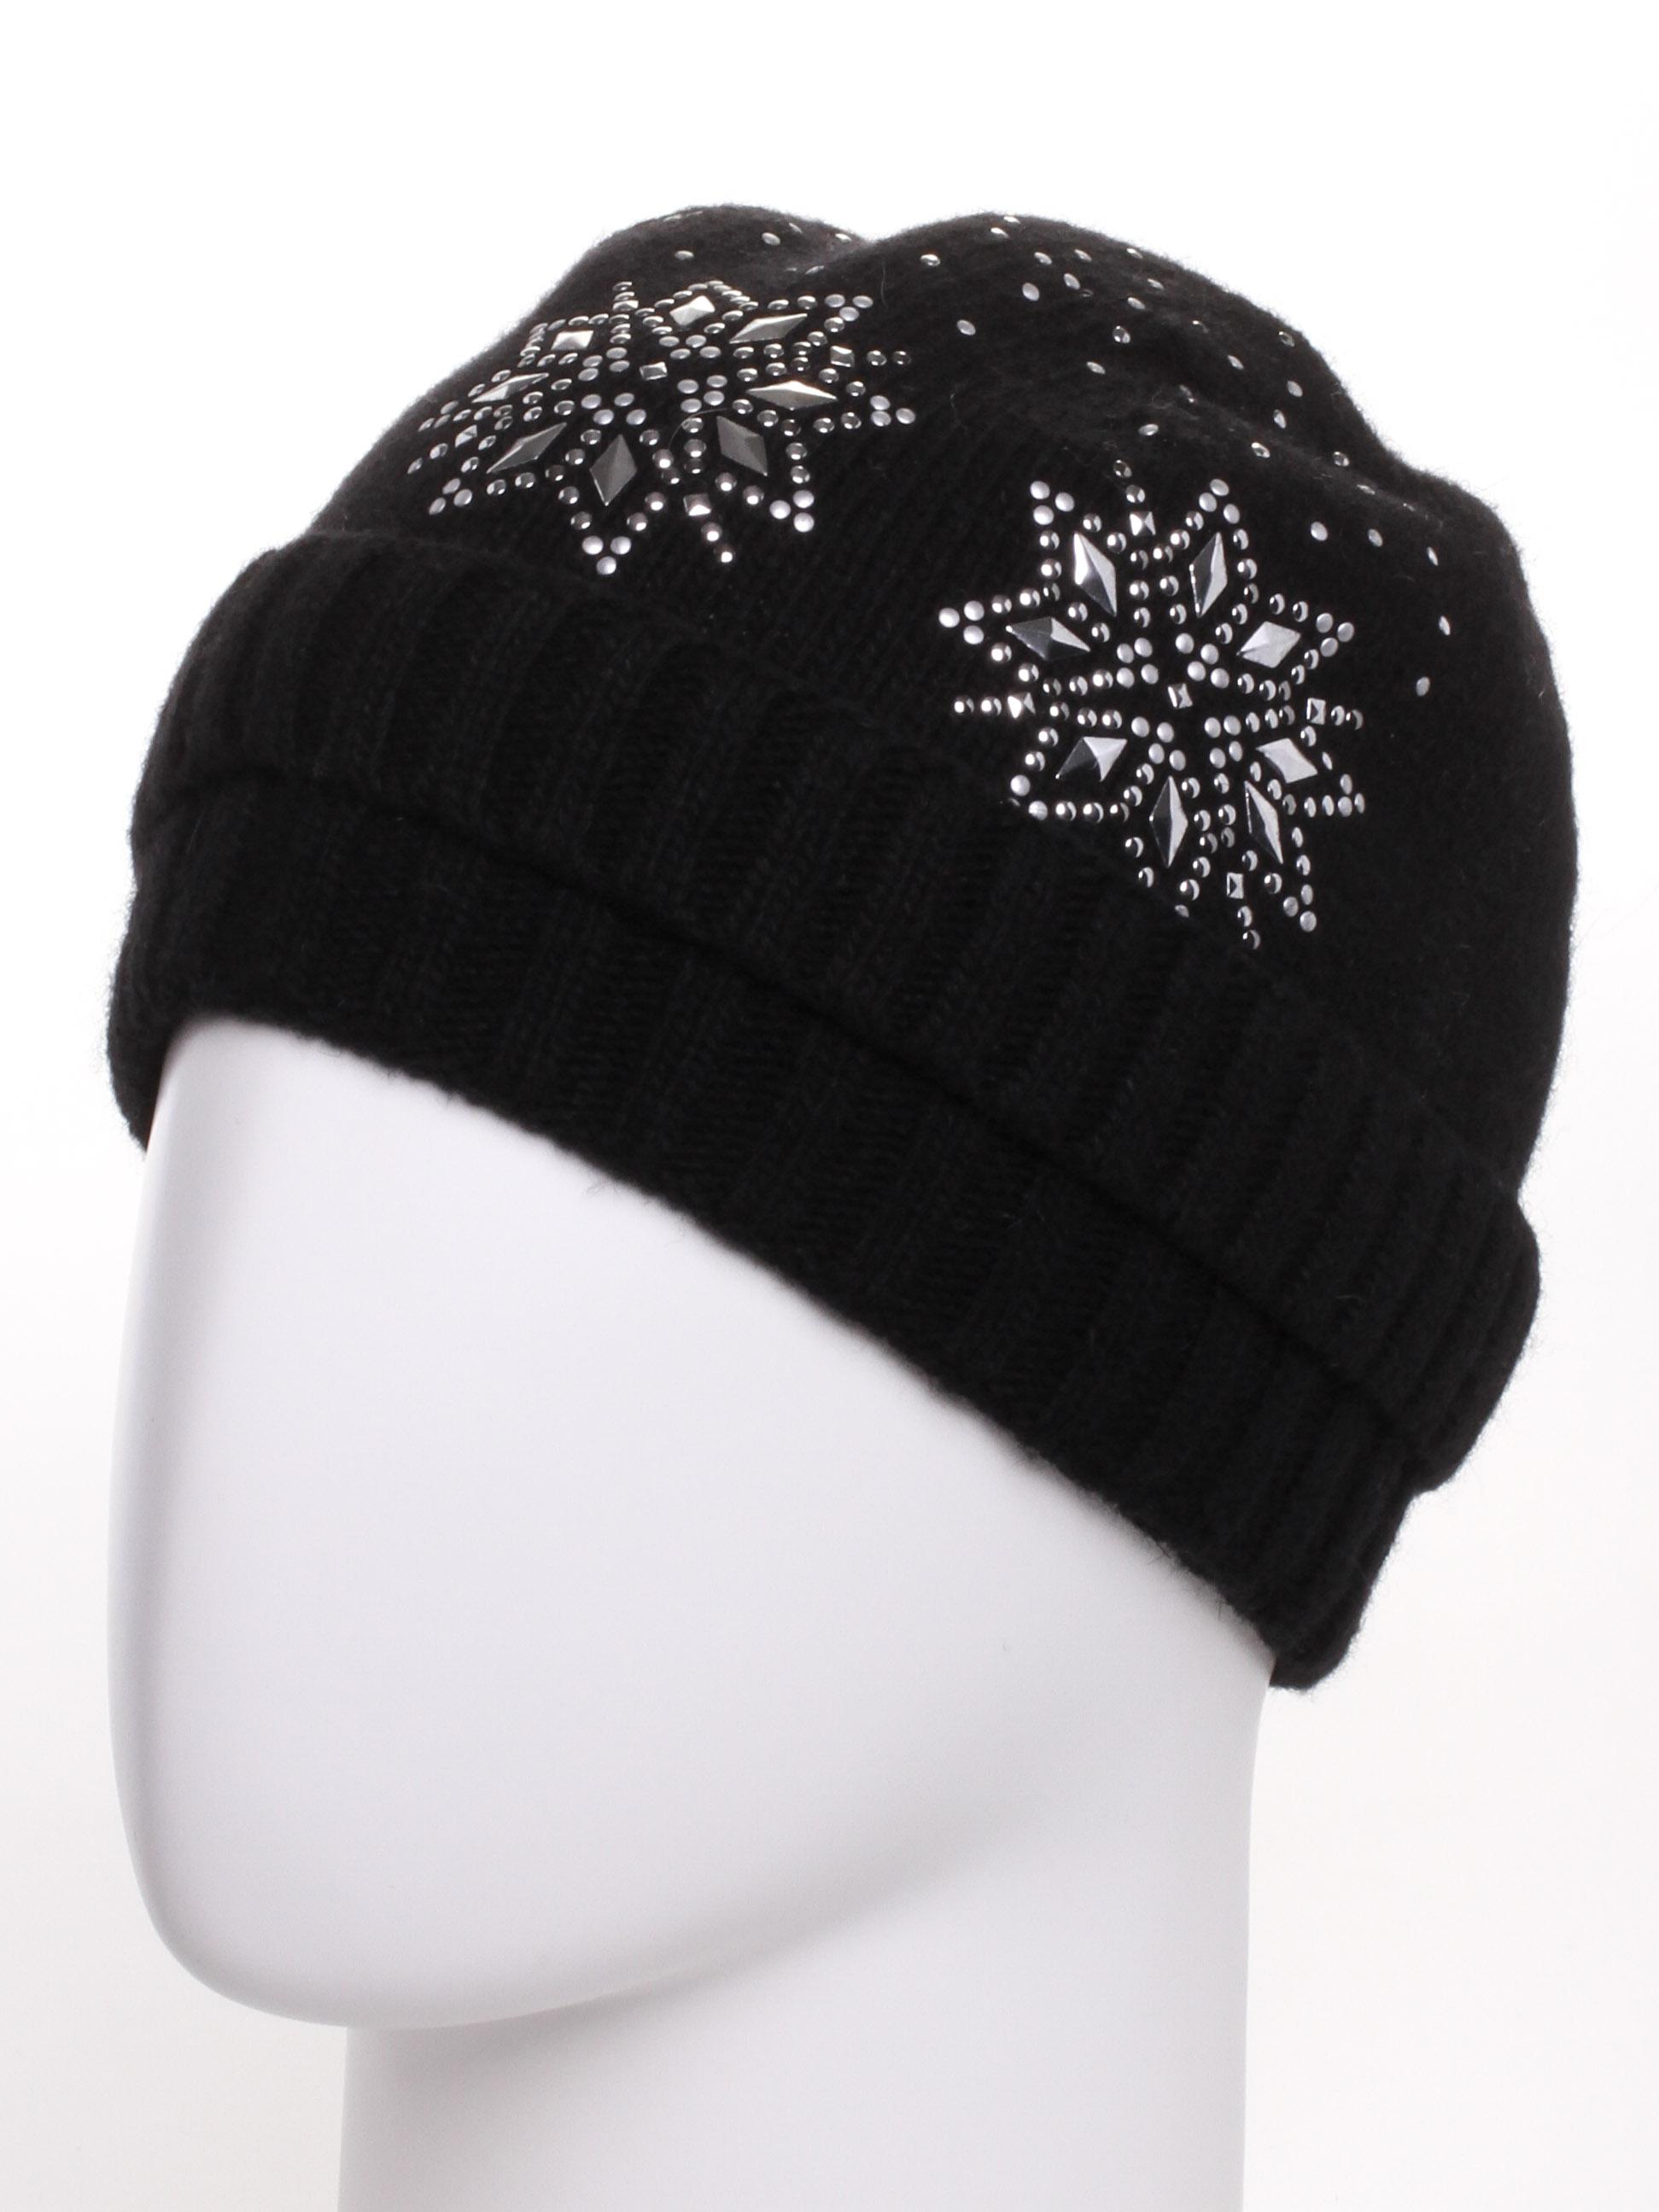 ШапкаШапки<br>Красивая шапка подарит Вам тепло и комфорт.  Стильный аксессуар защитит Вас от непогоды и станет прекрасным дополнением Вашего образа.  В изделии использованы цвета: черный<br><br>По материалу: Вязаные<br>По рисунку: Однотонные<br>По элементам: С декором<br>По сезону: Зима<br>Размер : universal<br>Материал: Вязаное полотно<br>Количество в наличии: 1